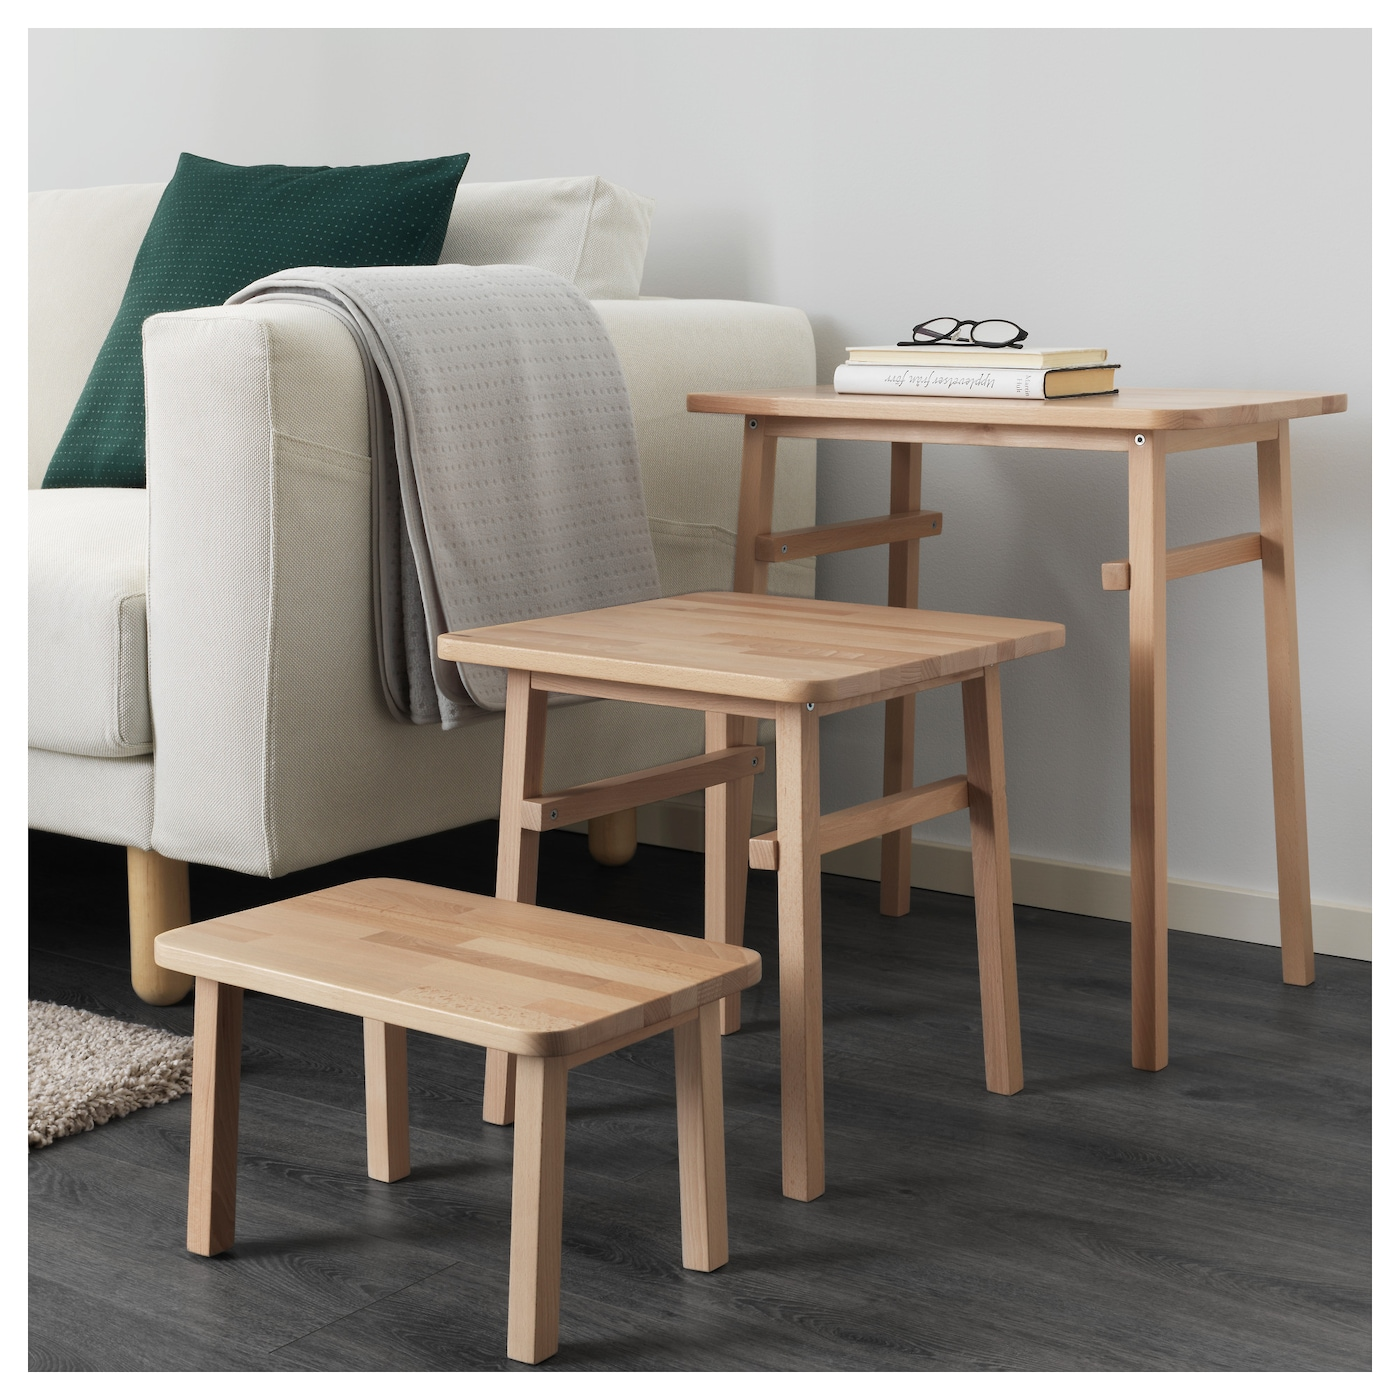 roller mbel tische simple roller tische wohnzimmer fresh. Black Bedroom Furniture Sets. Home Design Ideas